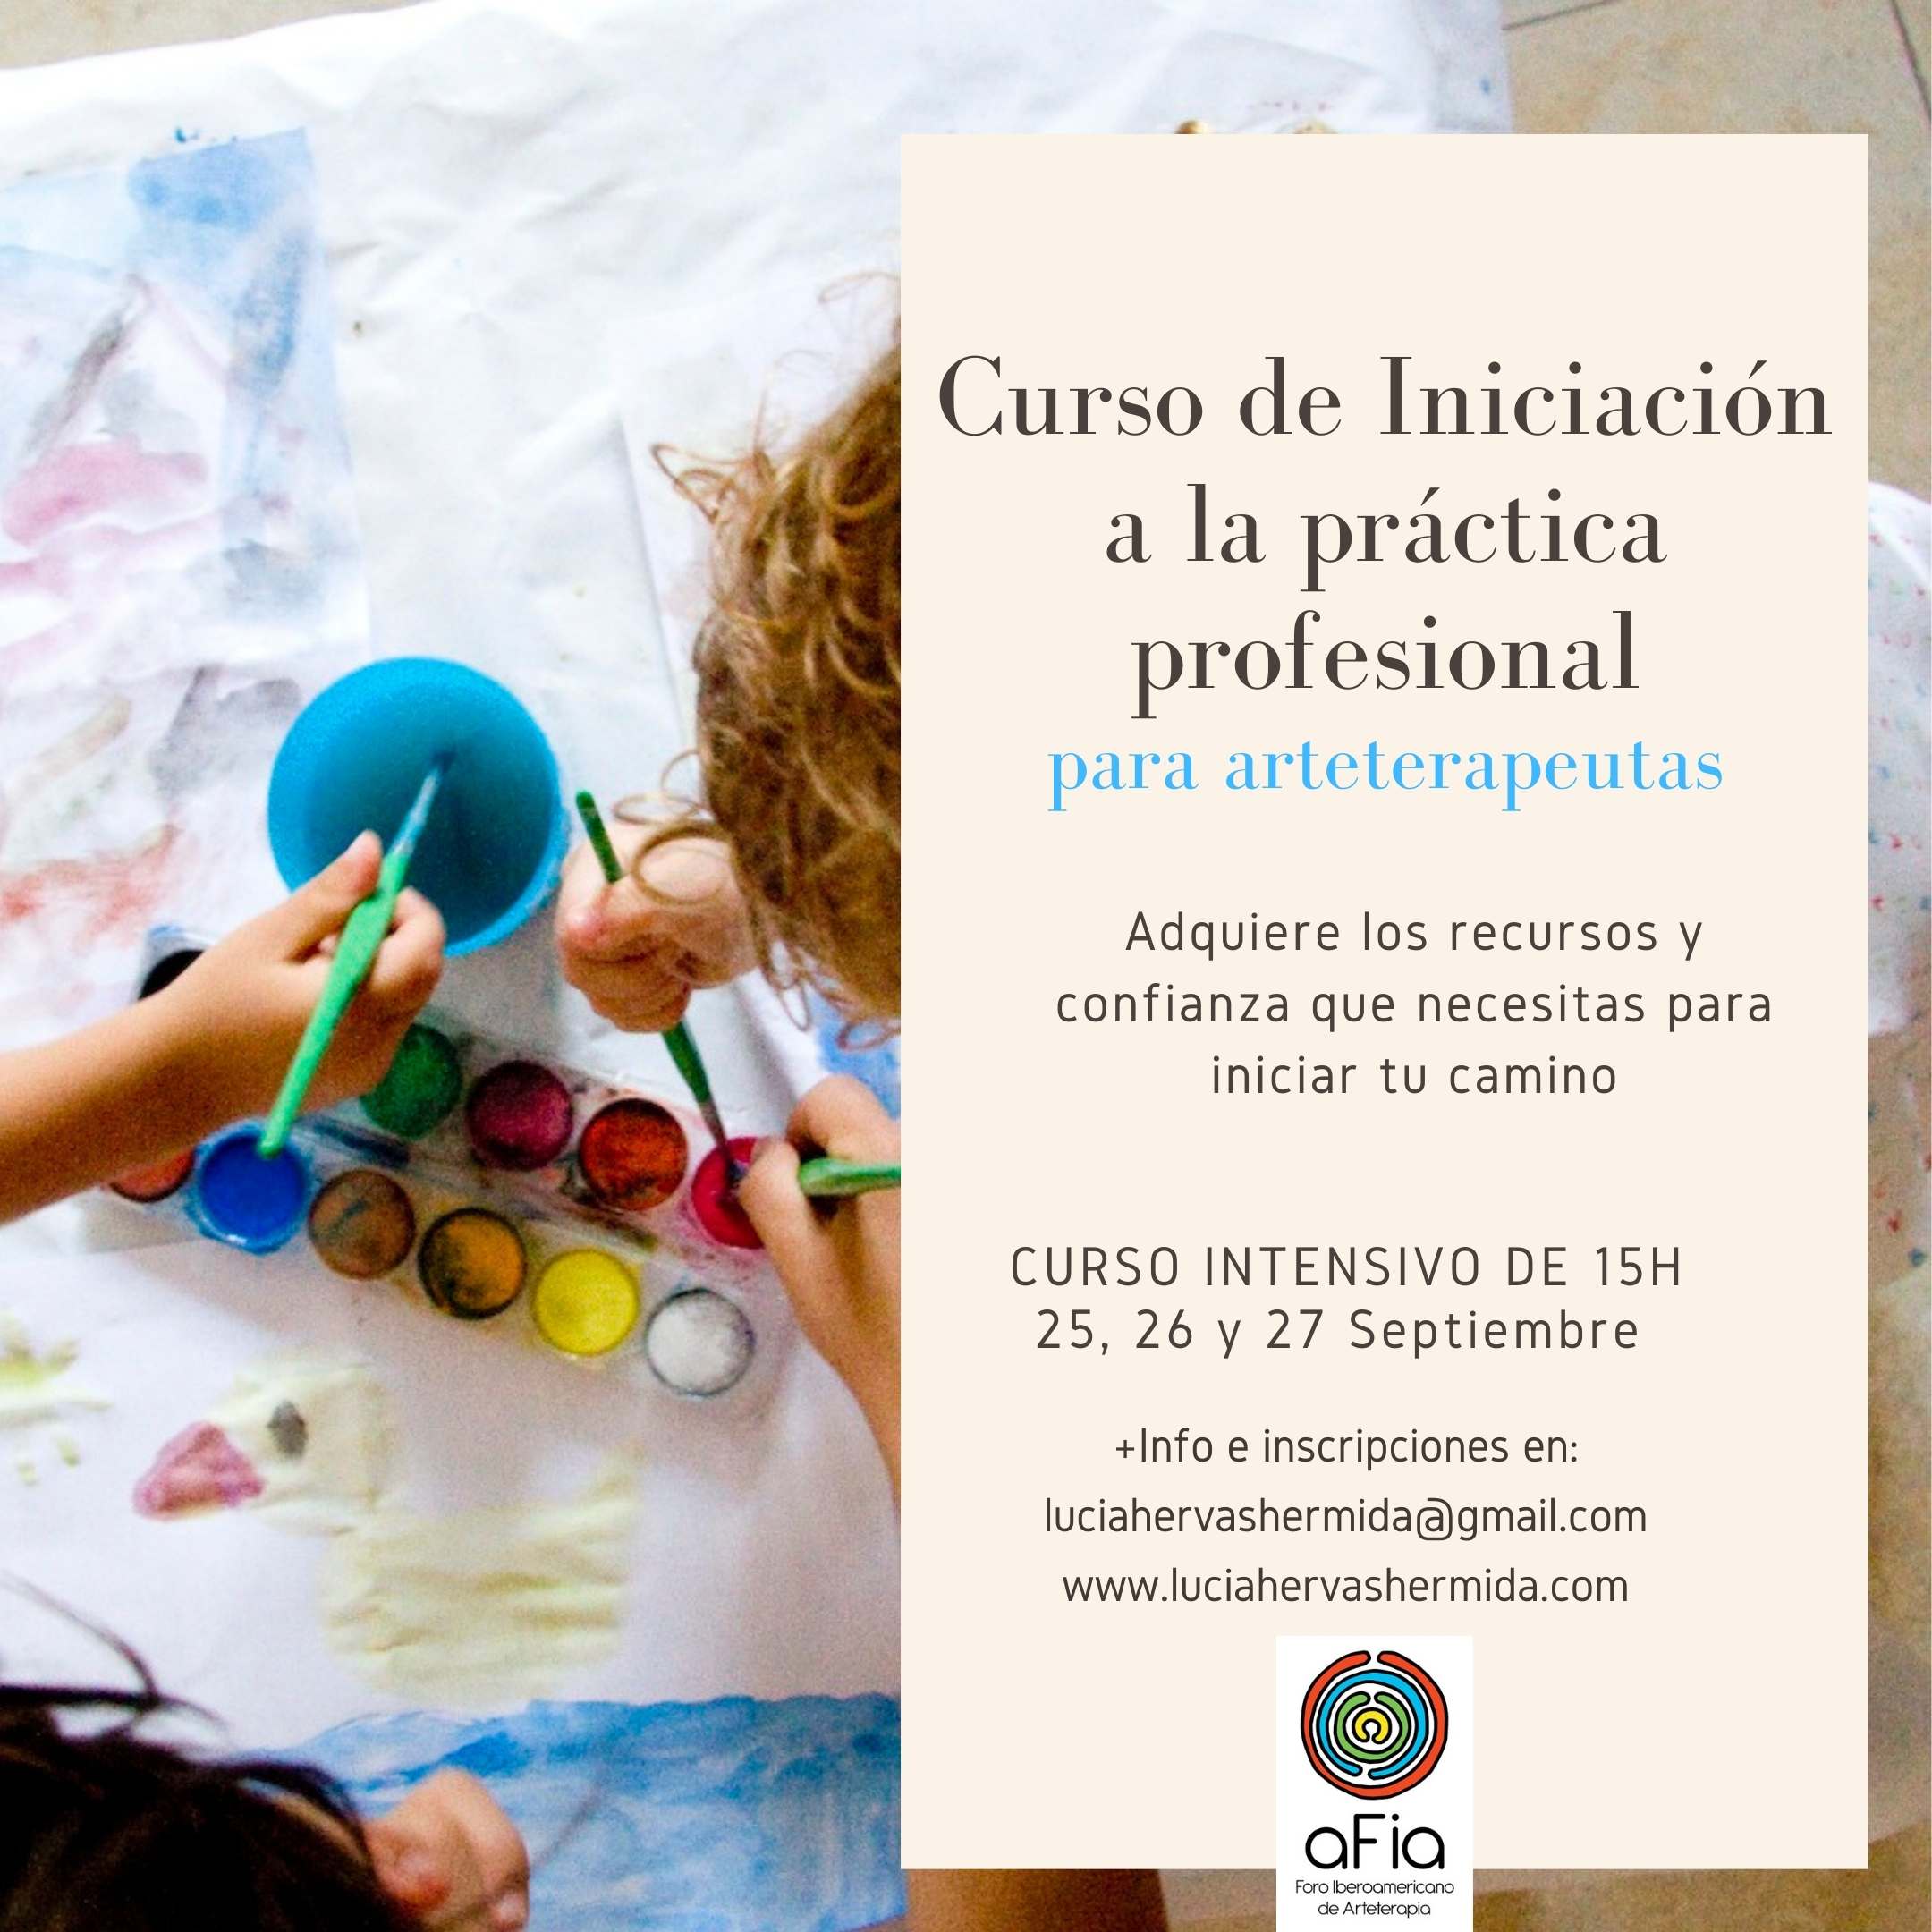 Info Curso Iniciación a la práctica profesional para arteterapeutas AFIA1